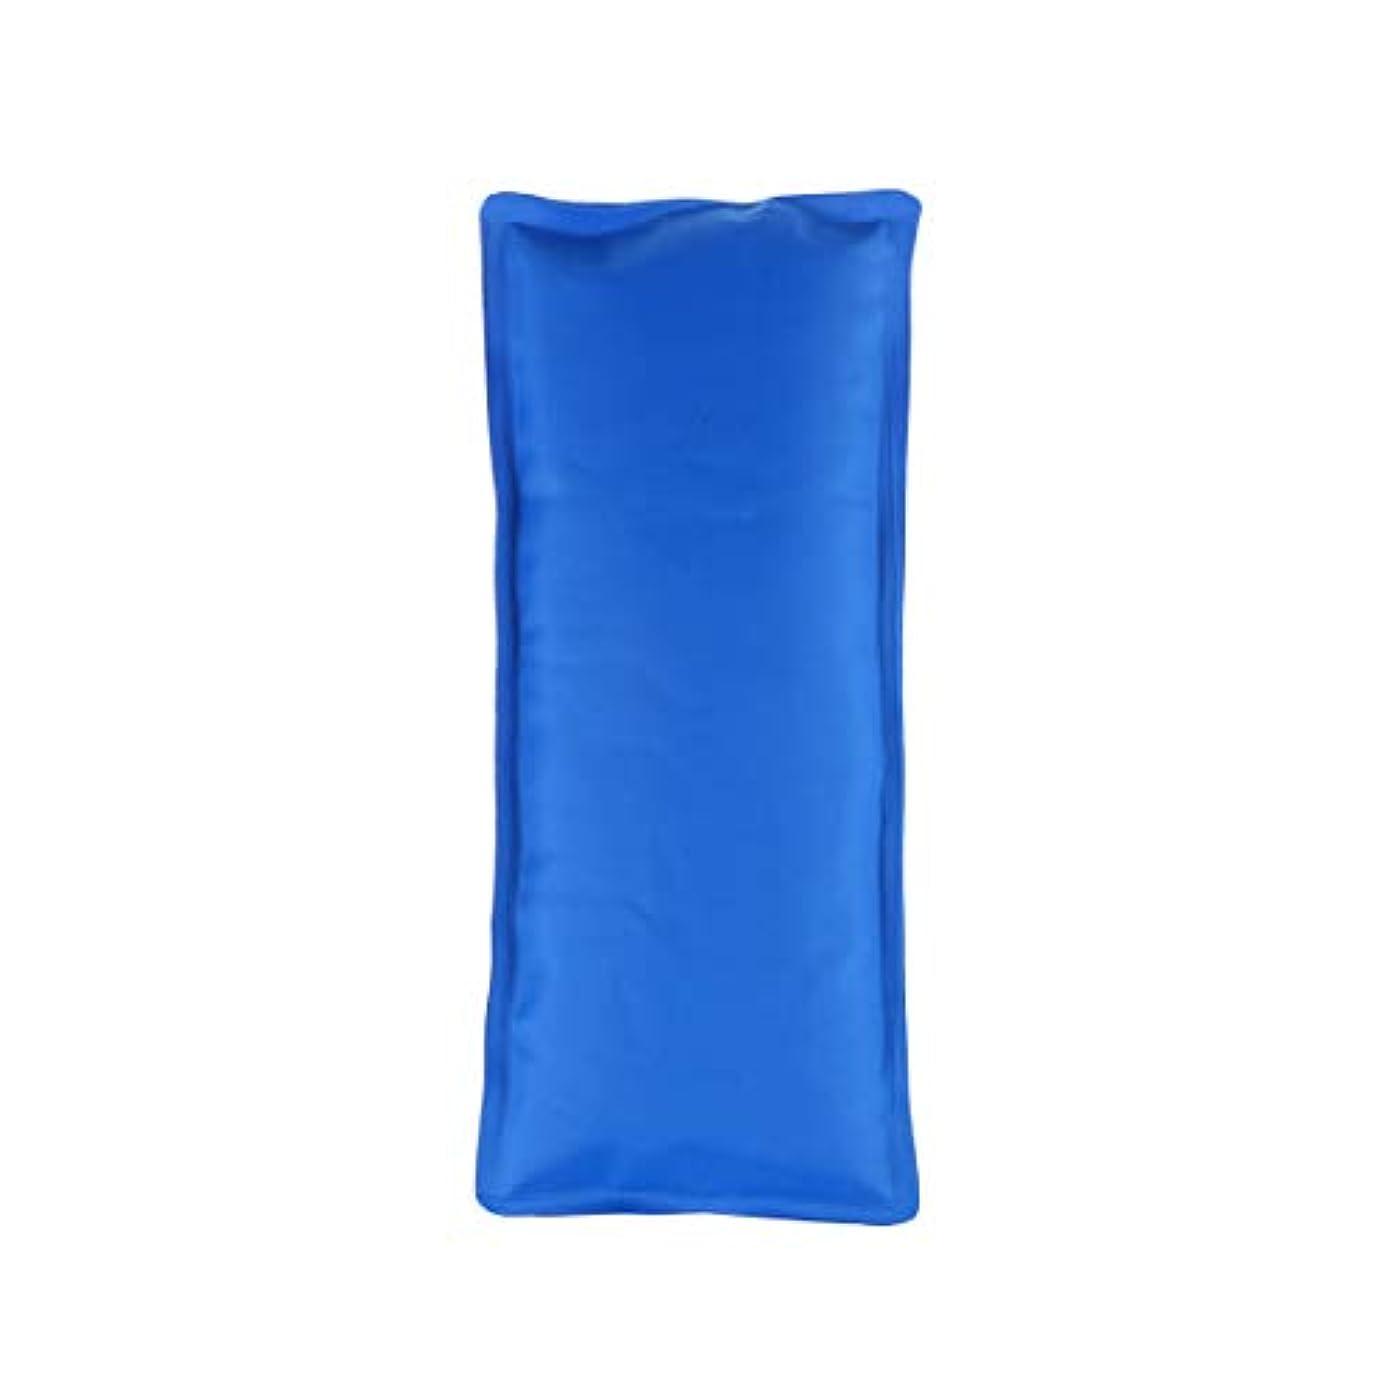 虚栄心ヒゲゴシップ傷害の子供および大人500MLのためのHEALILYの熱い冷たいゲルのアイスパックの圧縮の覆い